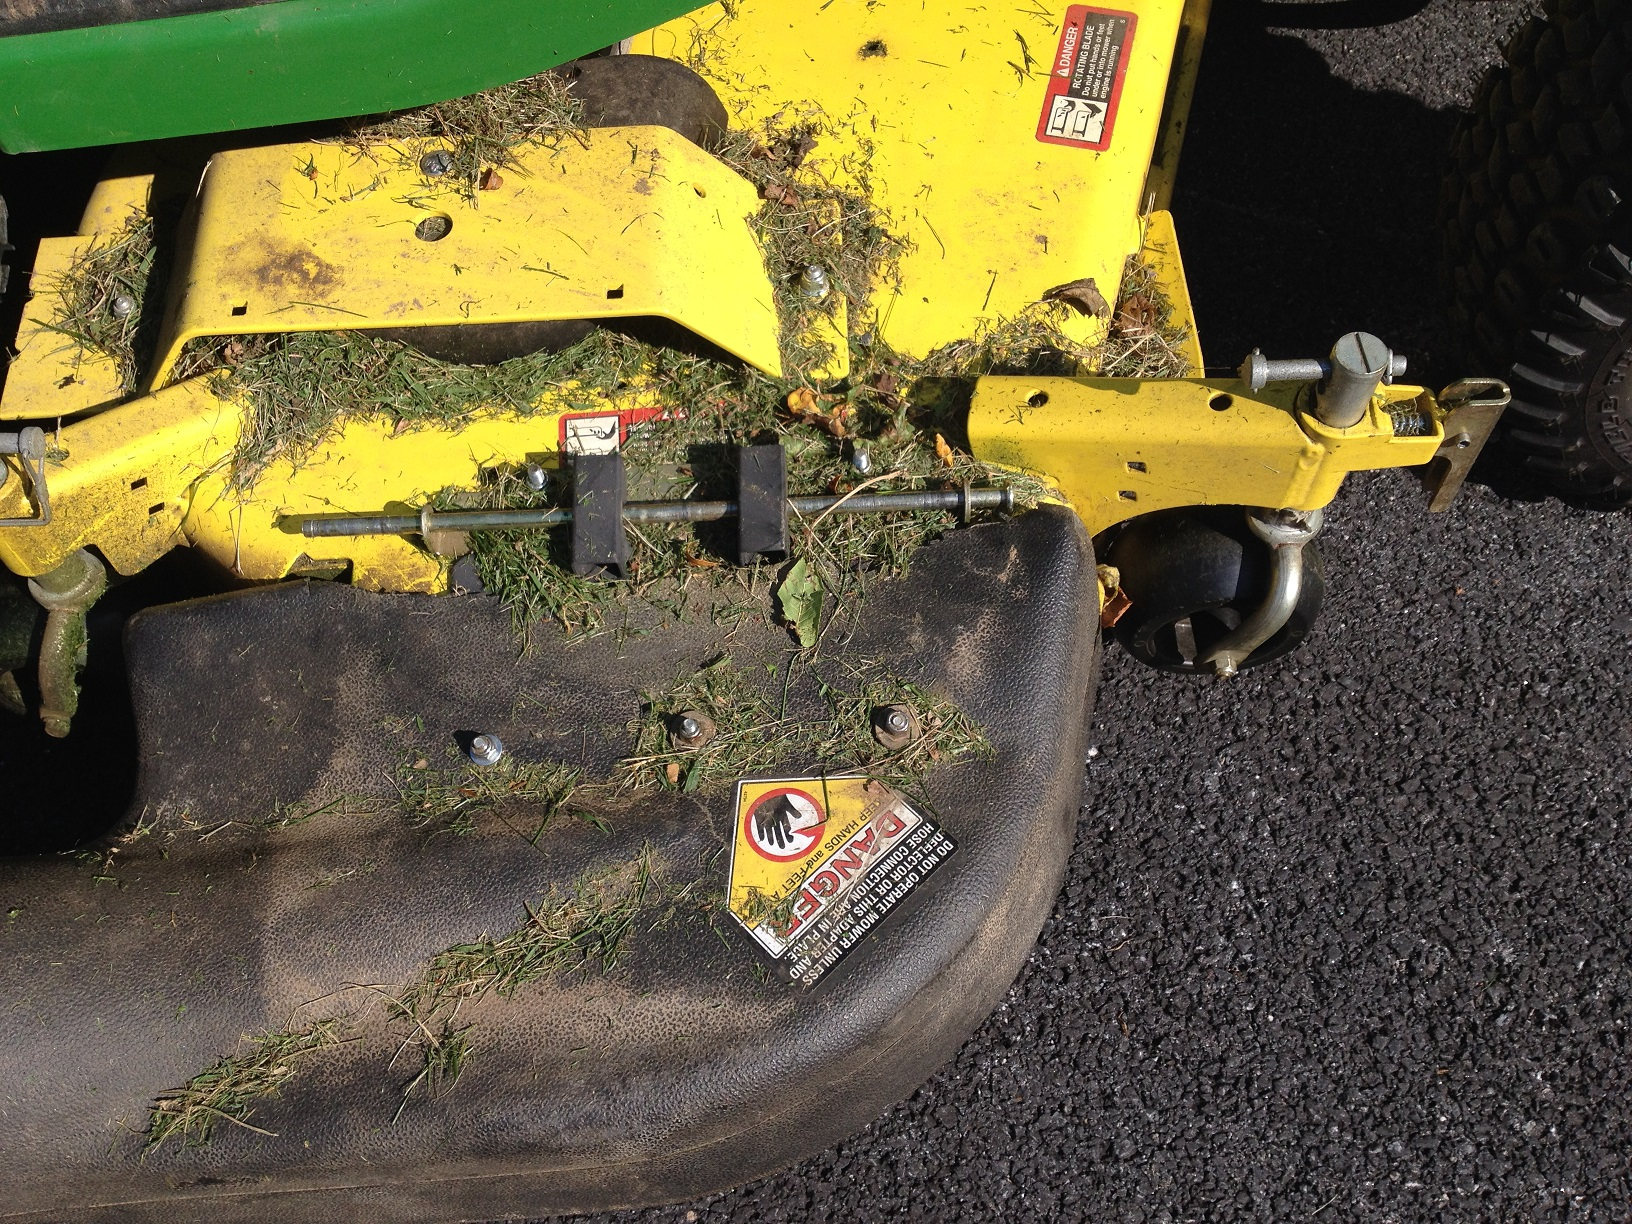 chute adapter IMG_0151.jpg